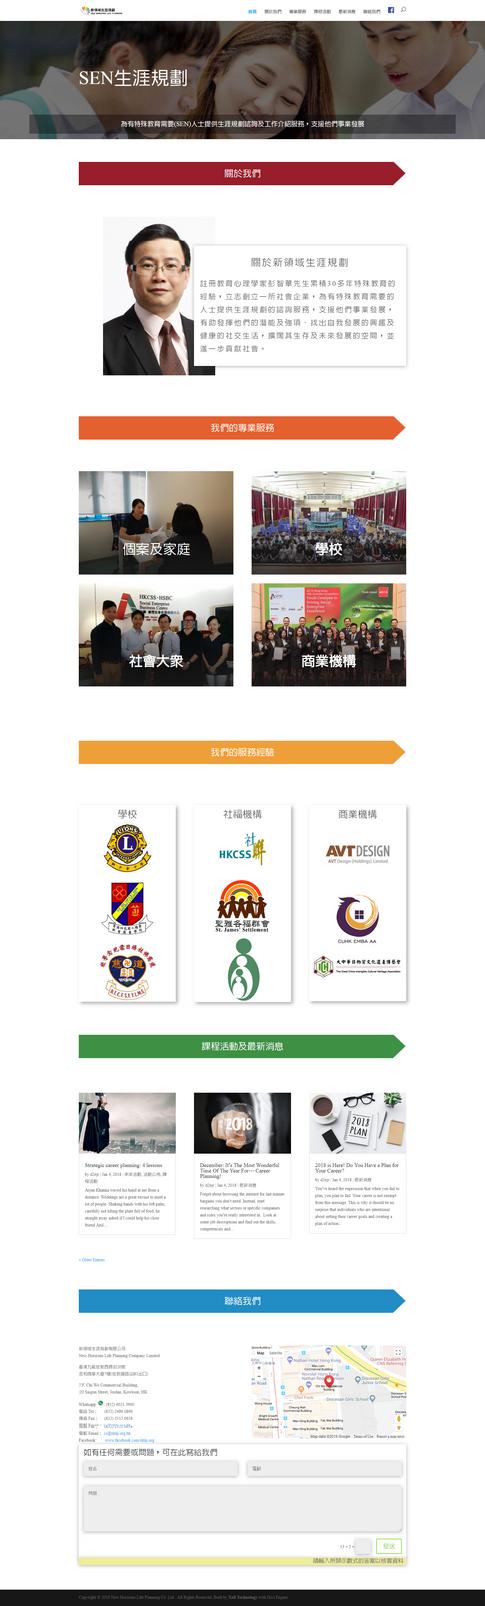 社企網站開發完成 - 新領域生涯規劃